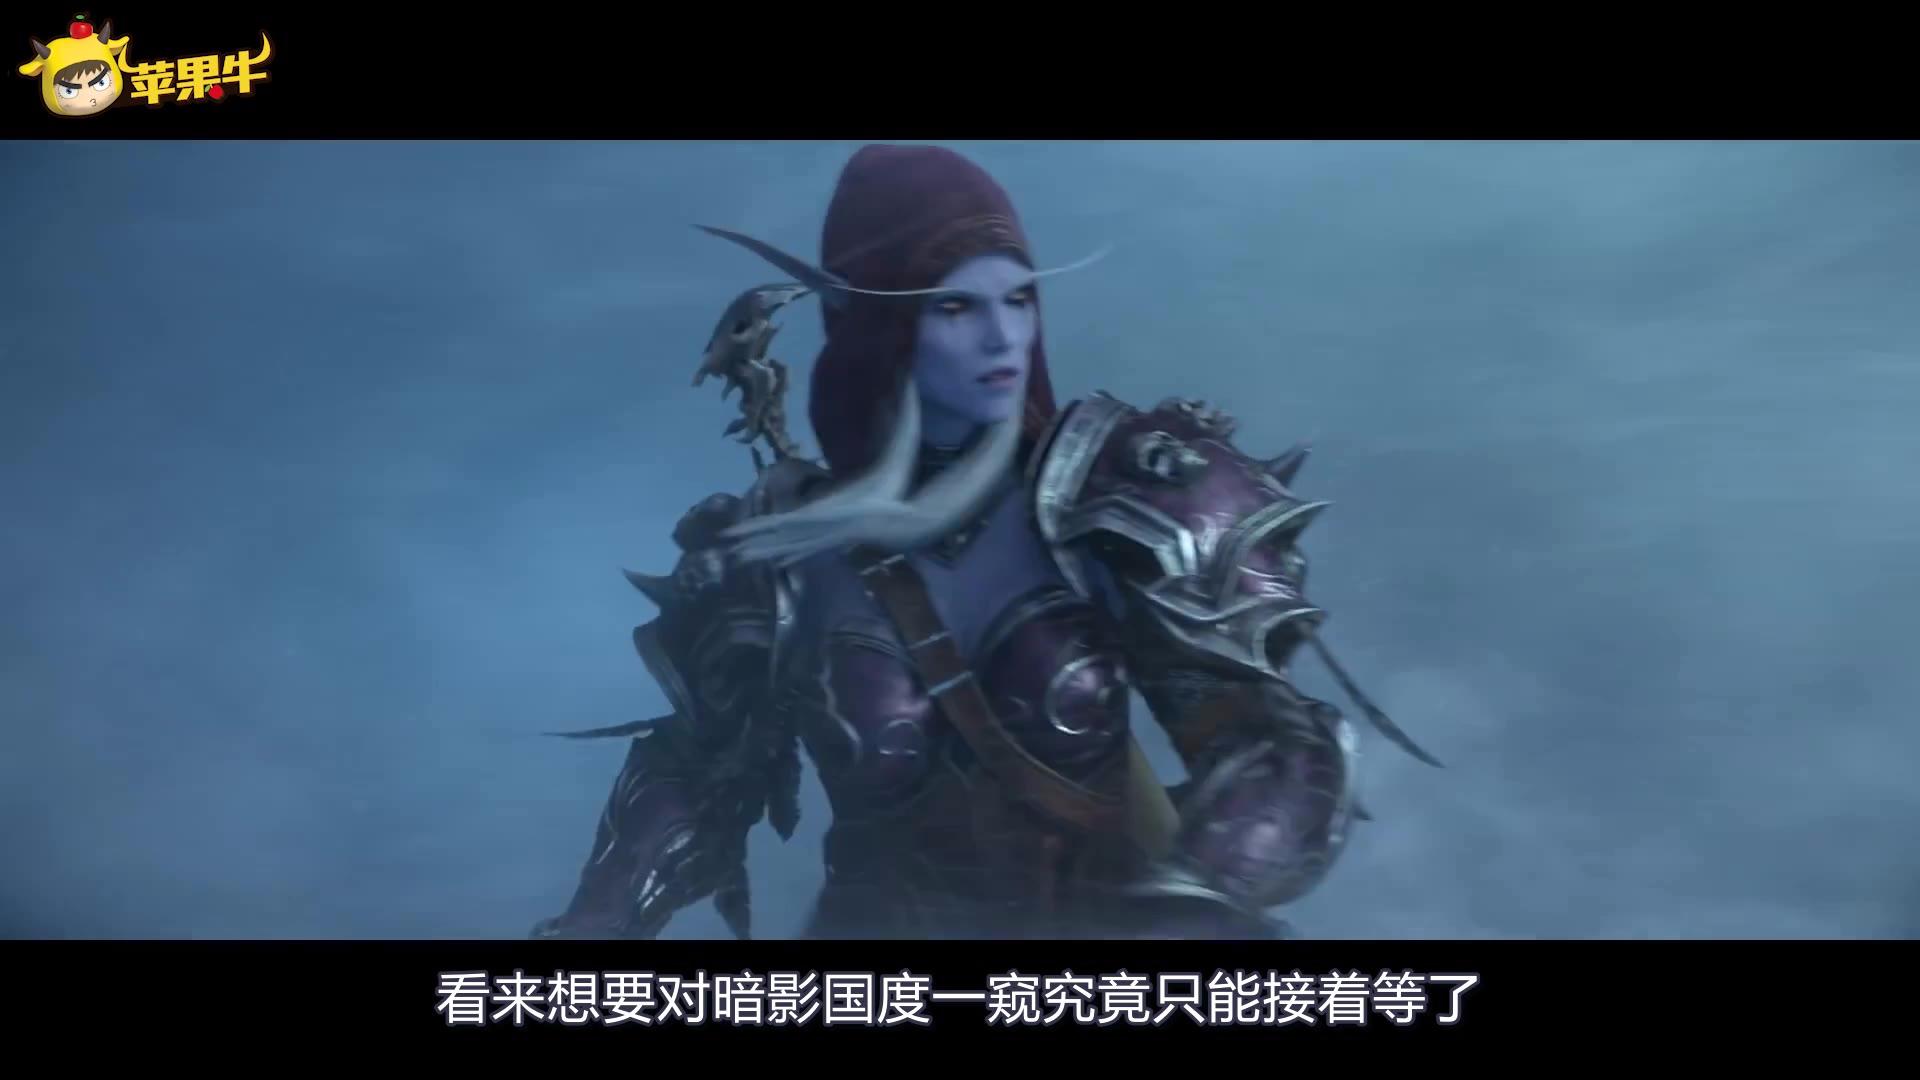 暴雪大事报:魔兽世界频繁更新版号,暗影国度似乎不远了!